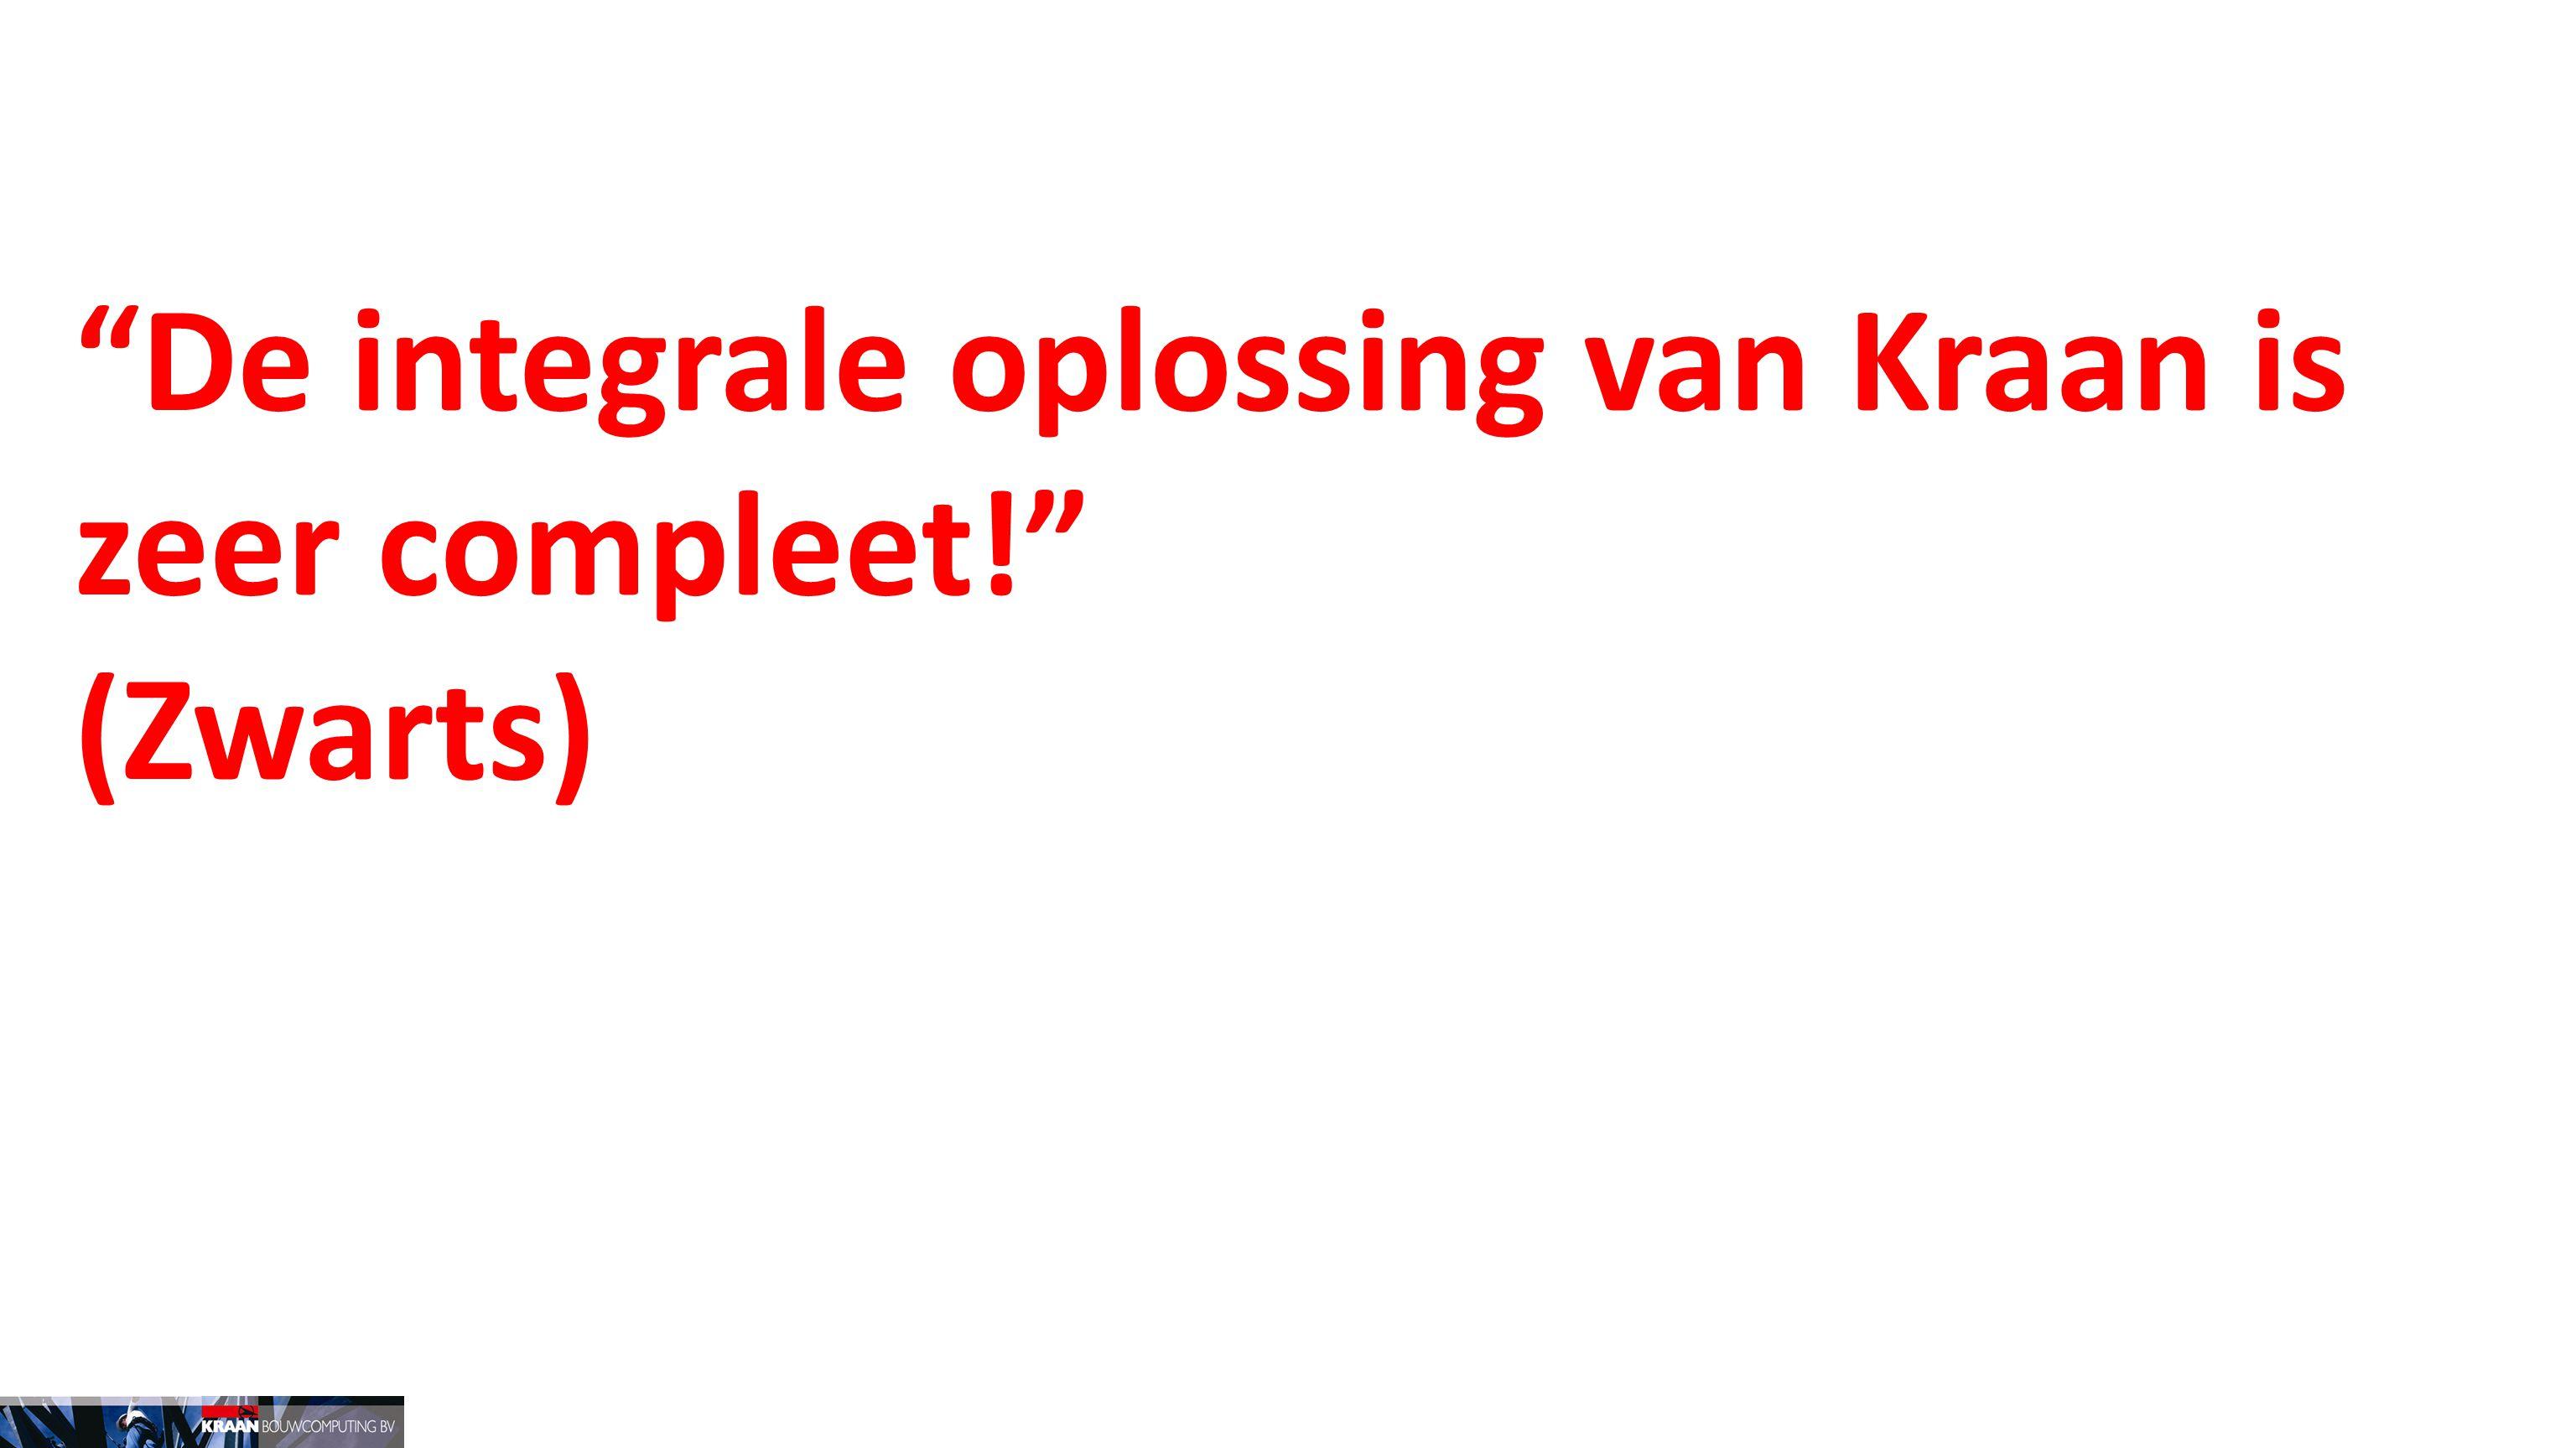 De integrale oplossing van Kraan is zeer compleet! (Zwarts)